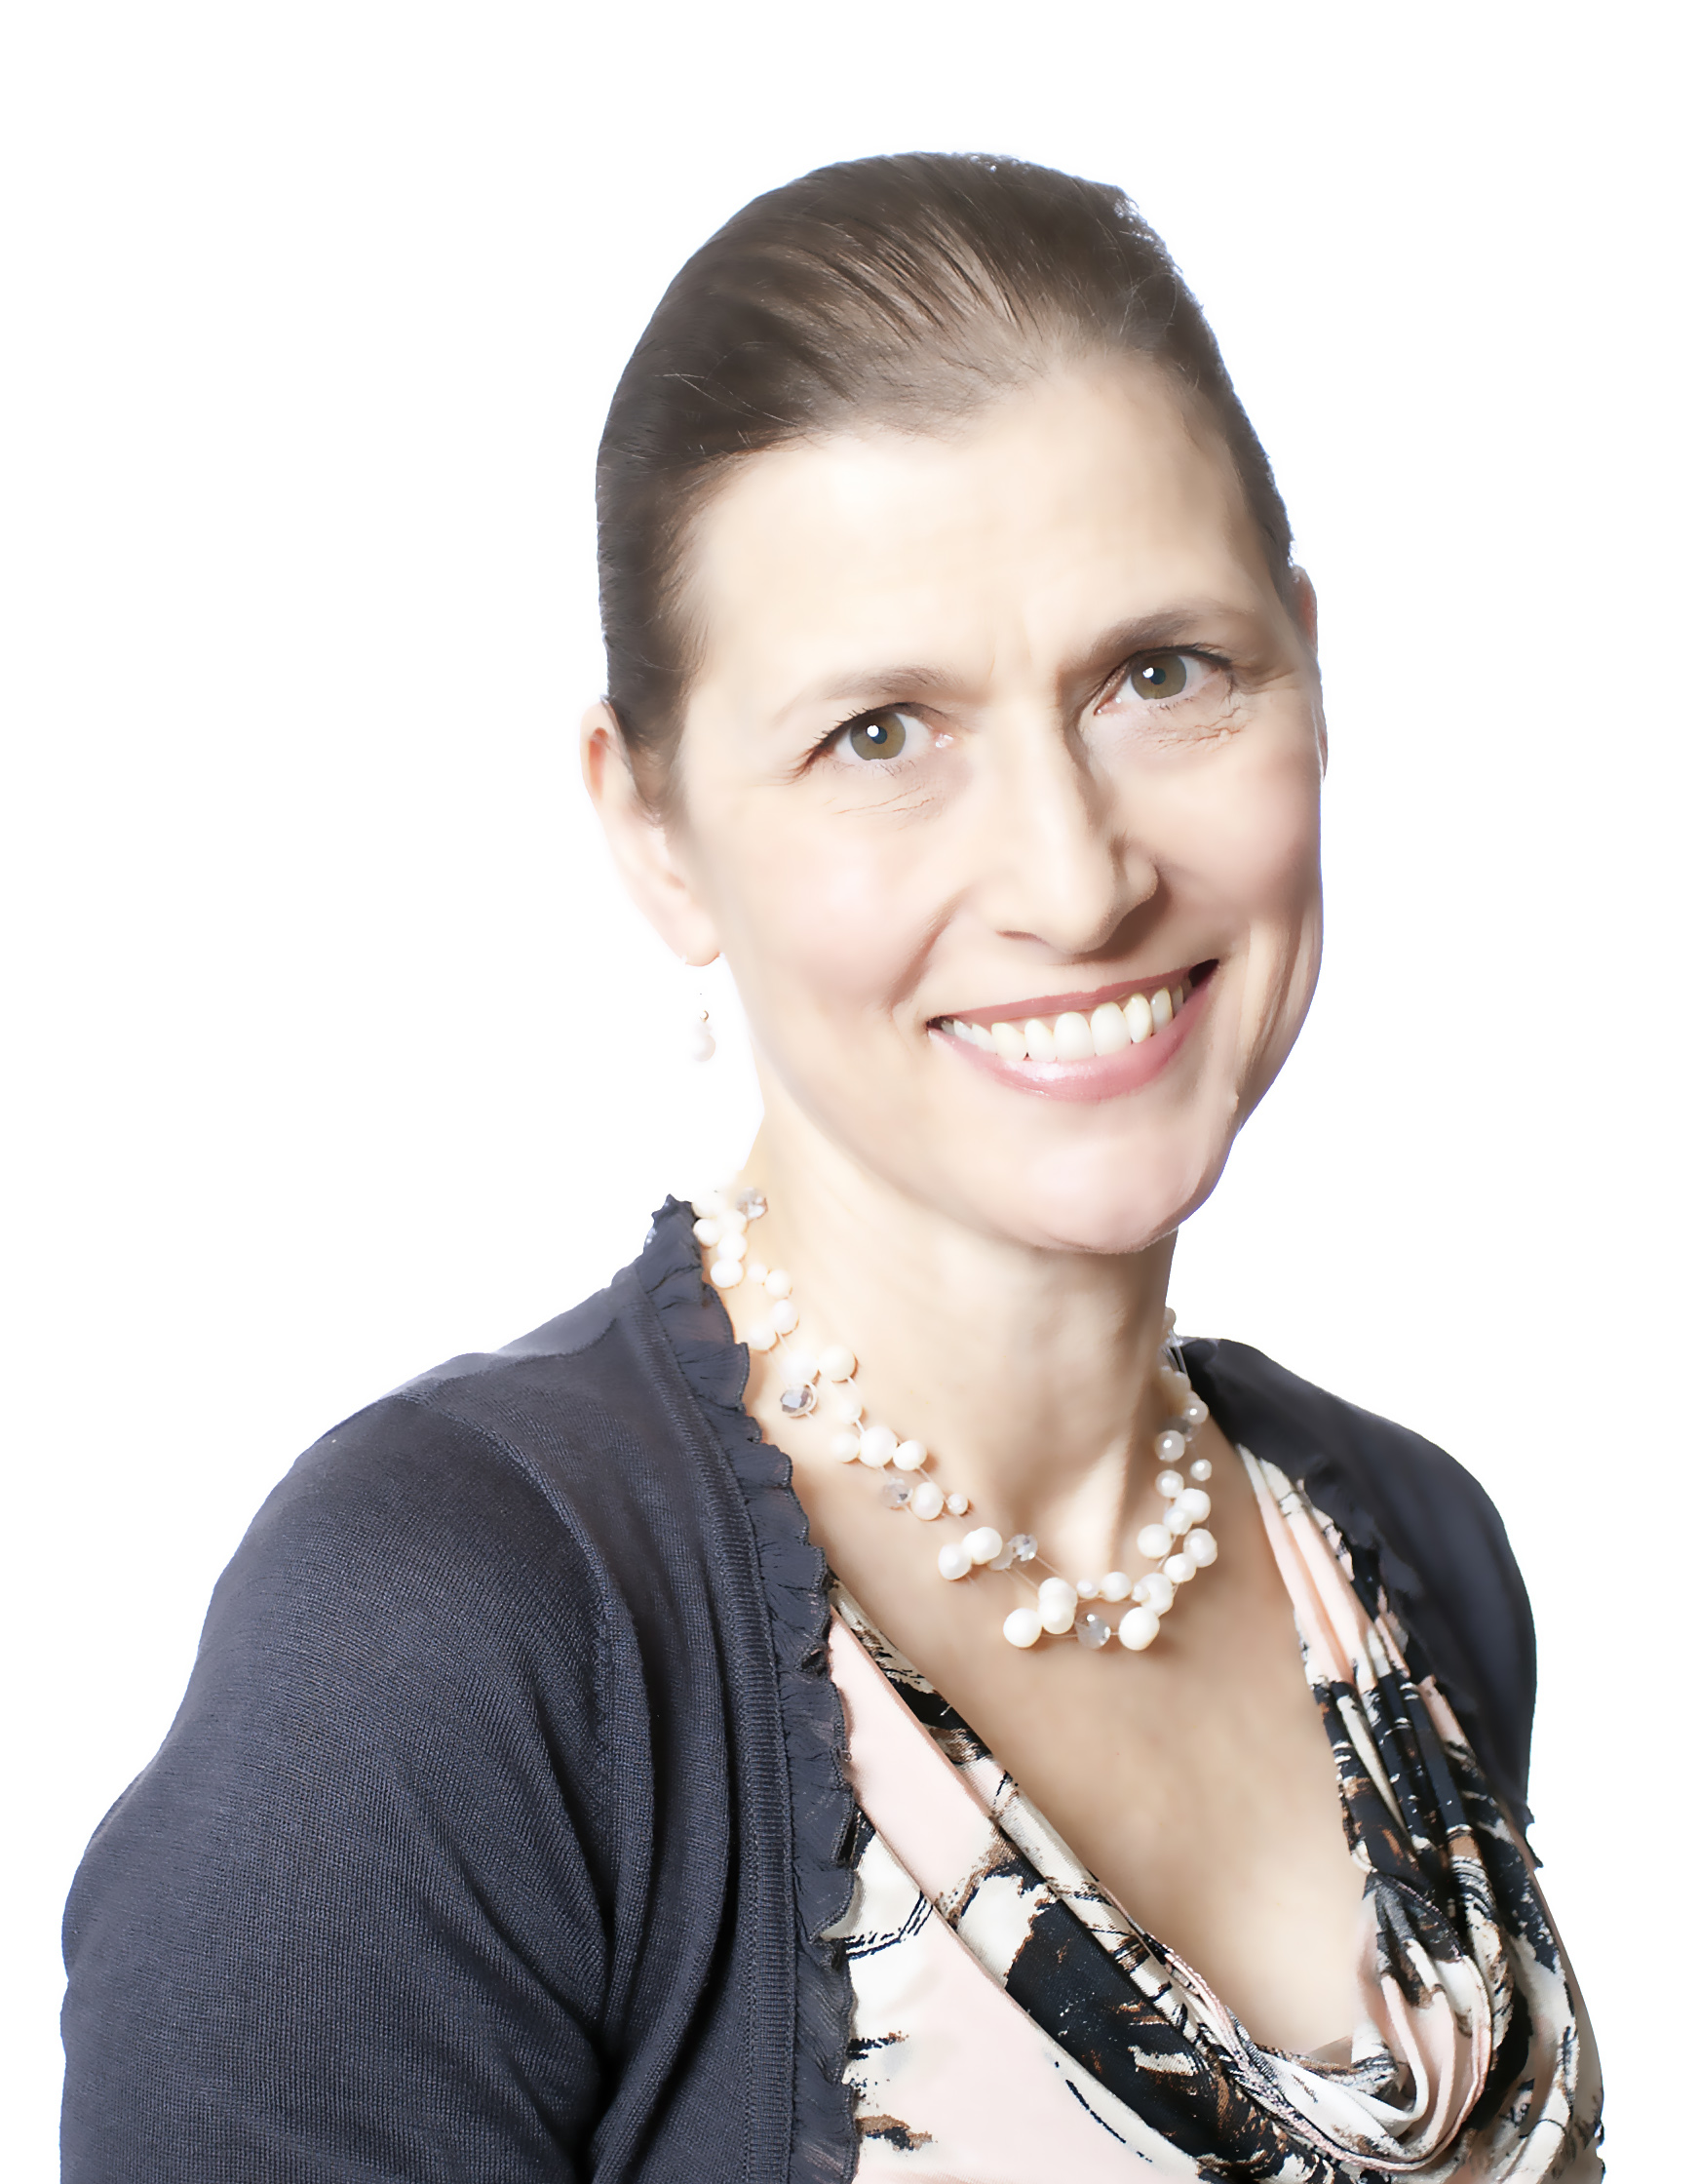 Kathy Steffan